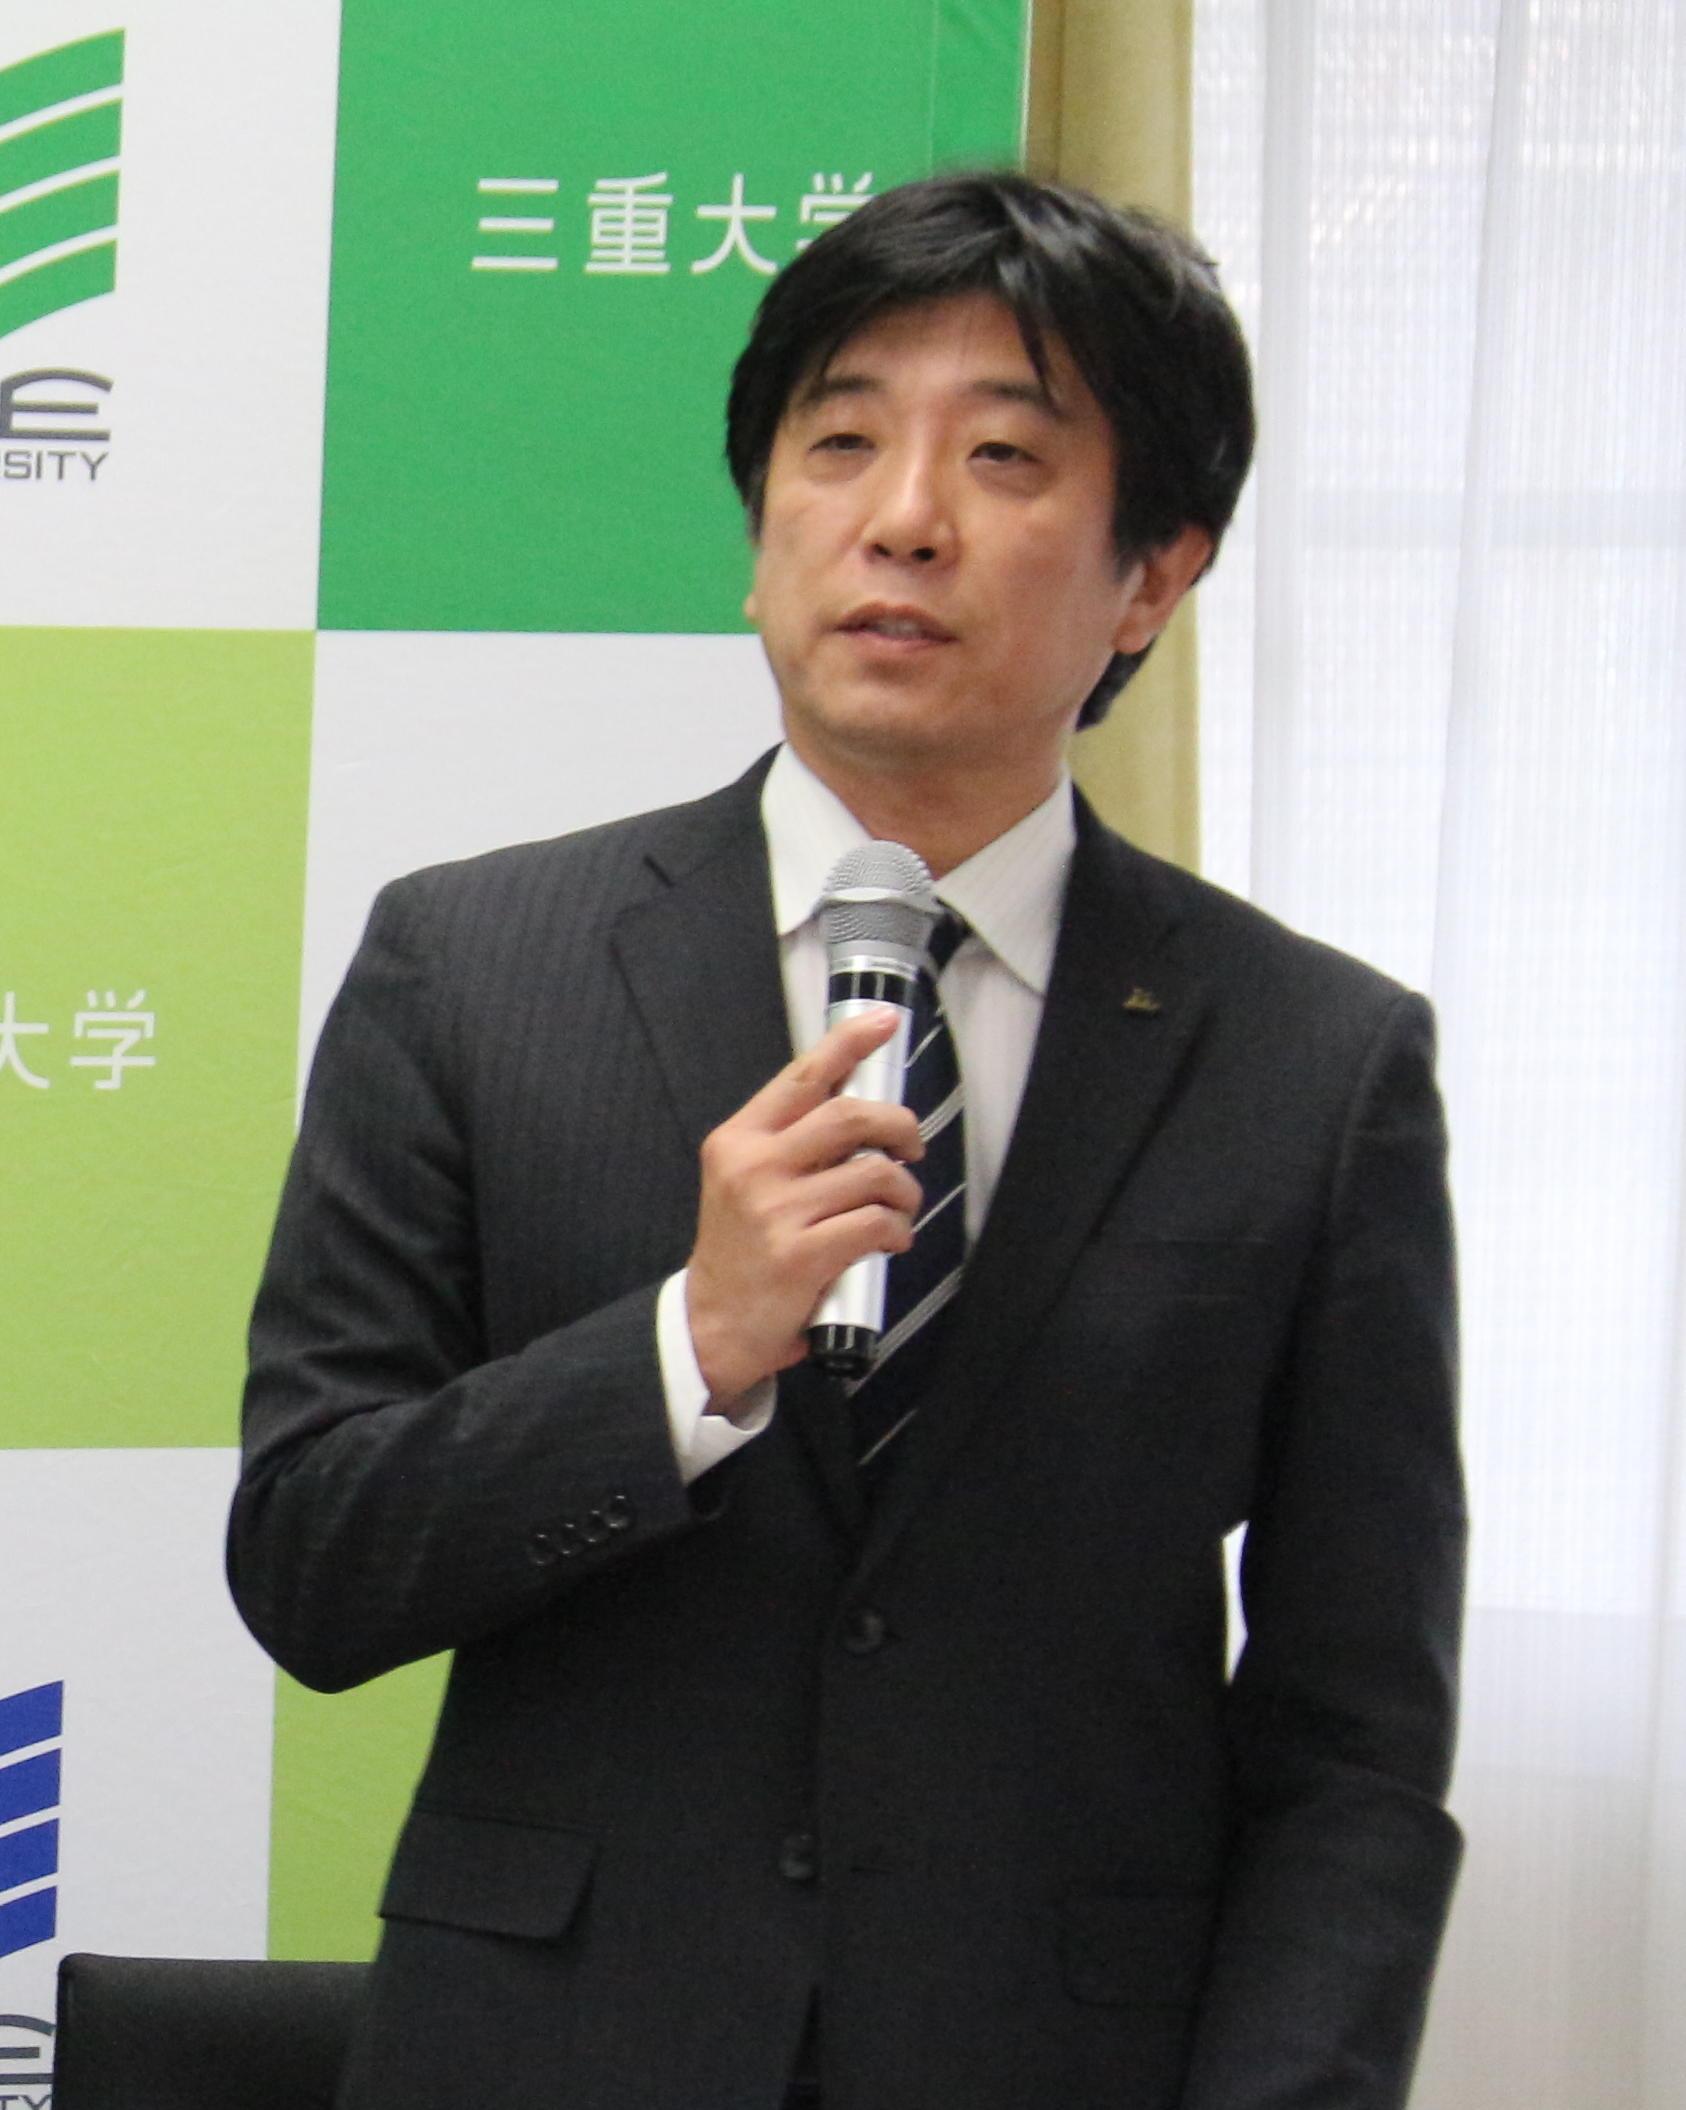 20191031_第36回三重大学定例記者懇談会 望遠 (25)-001